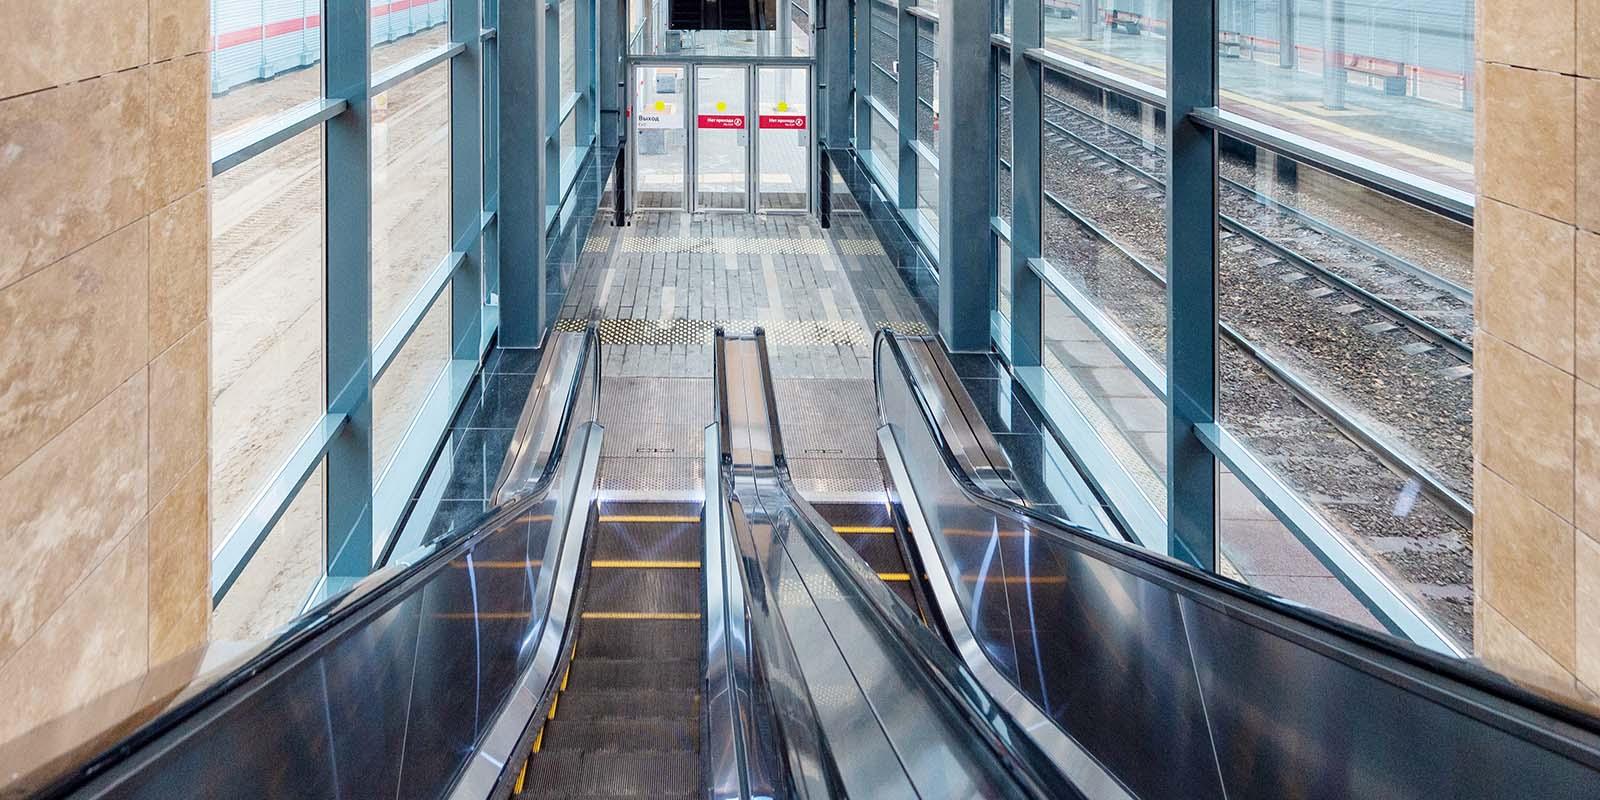 Утвержден проект строительства пешеходных переходов у станции Внуково